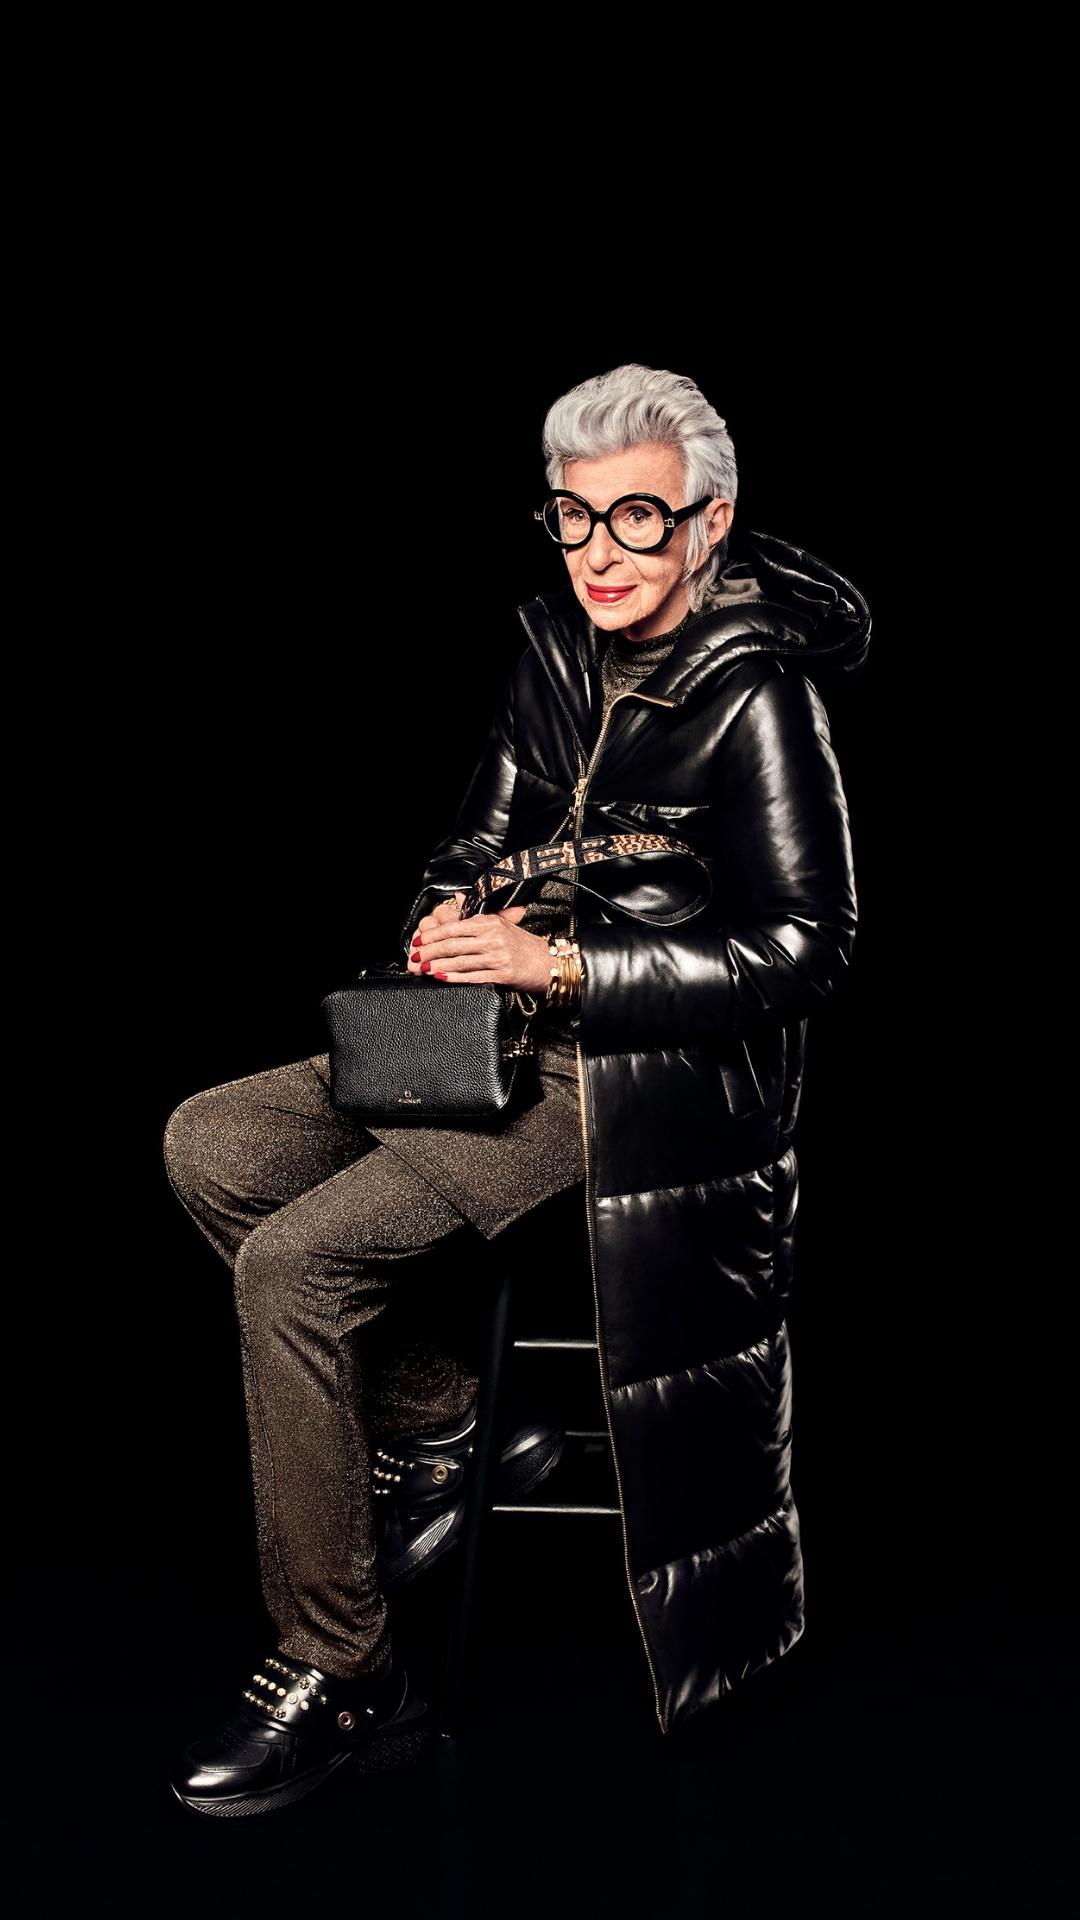 Айрис Апфель снова снялась в рекламной кампании бренда AIGNER-Фото 4